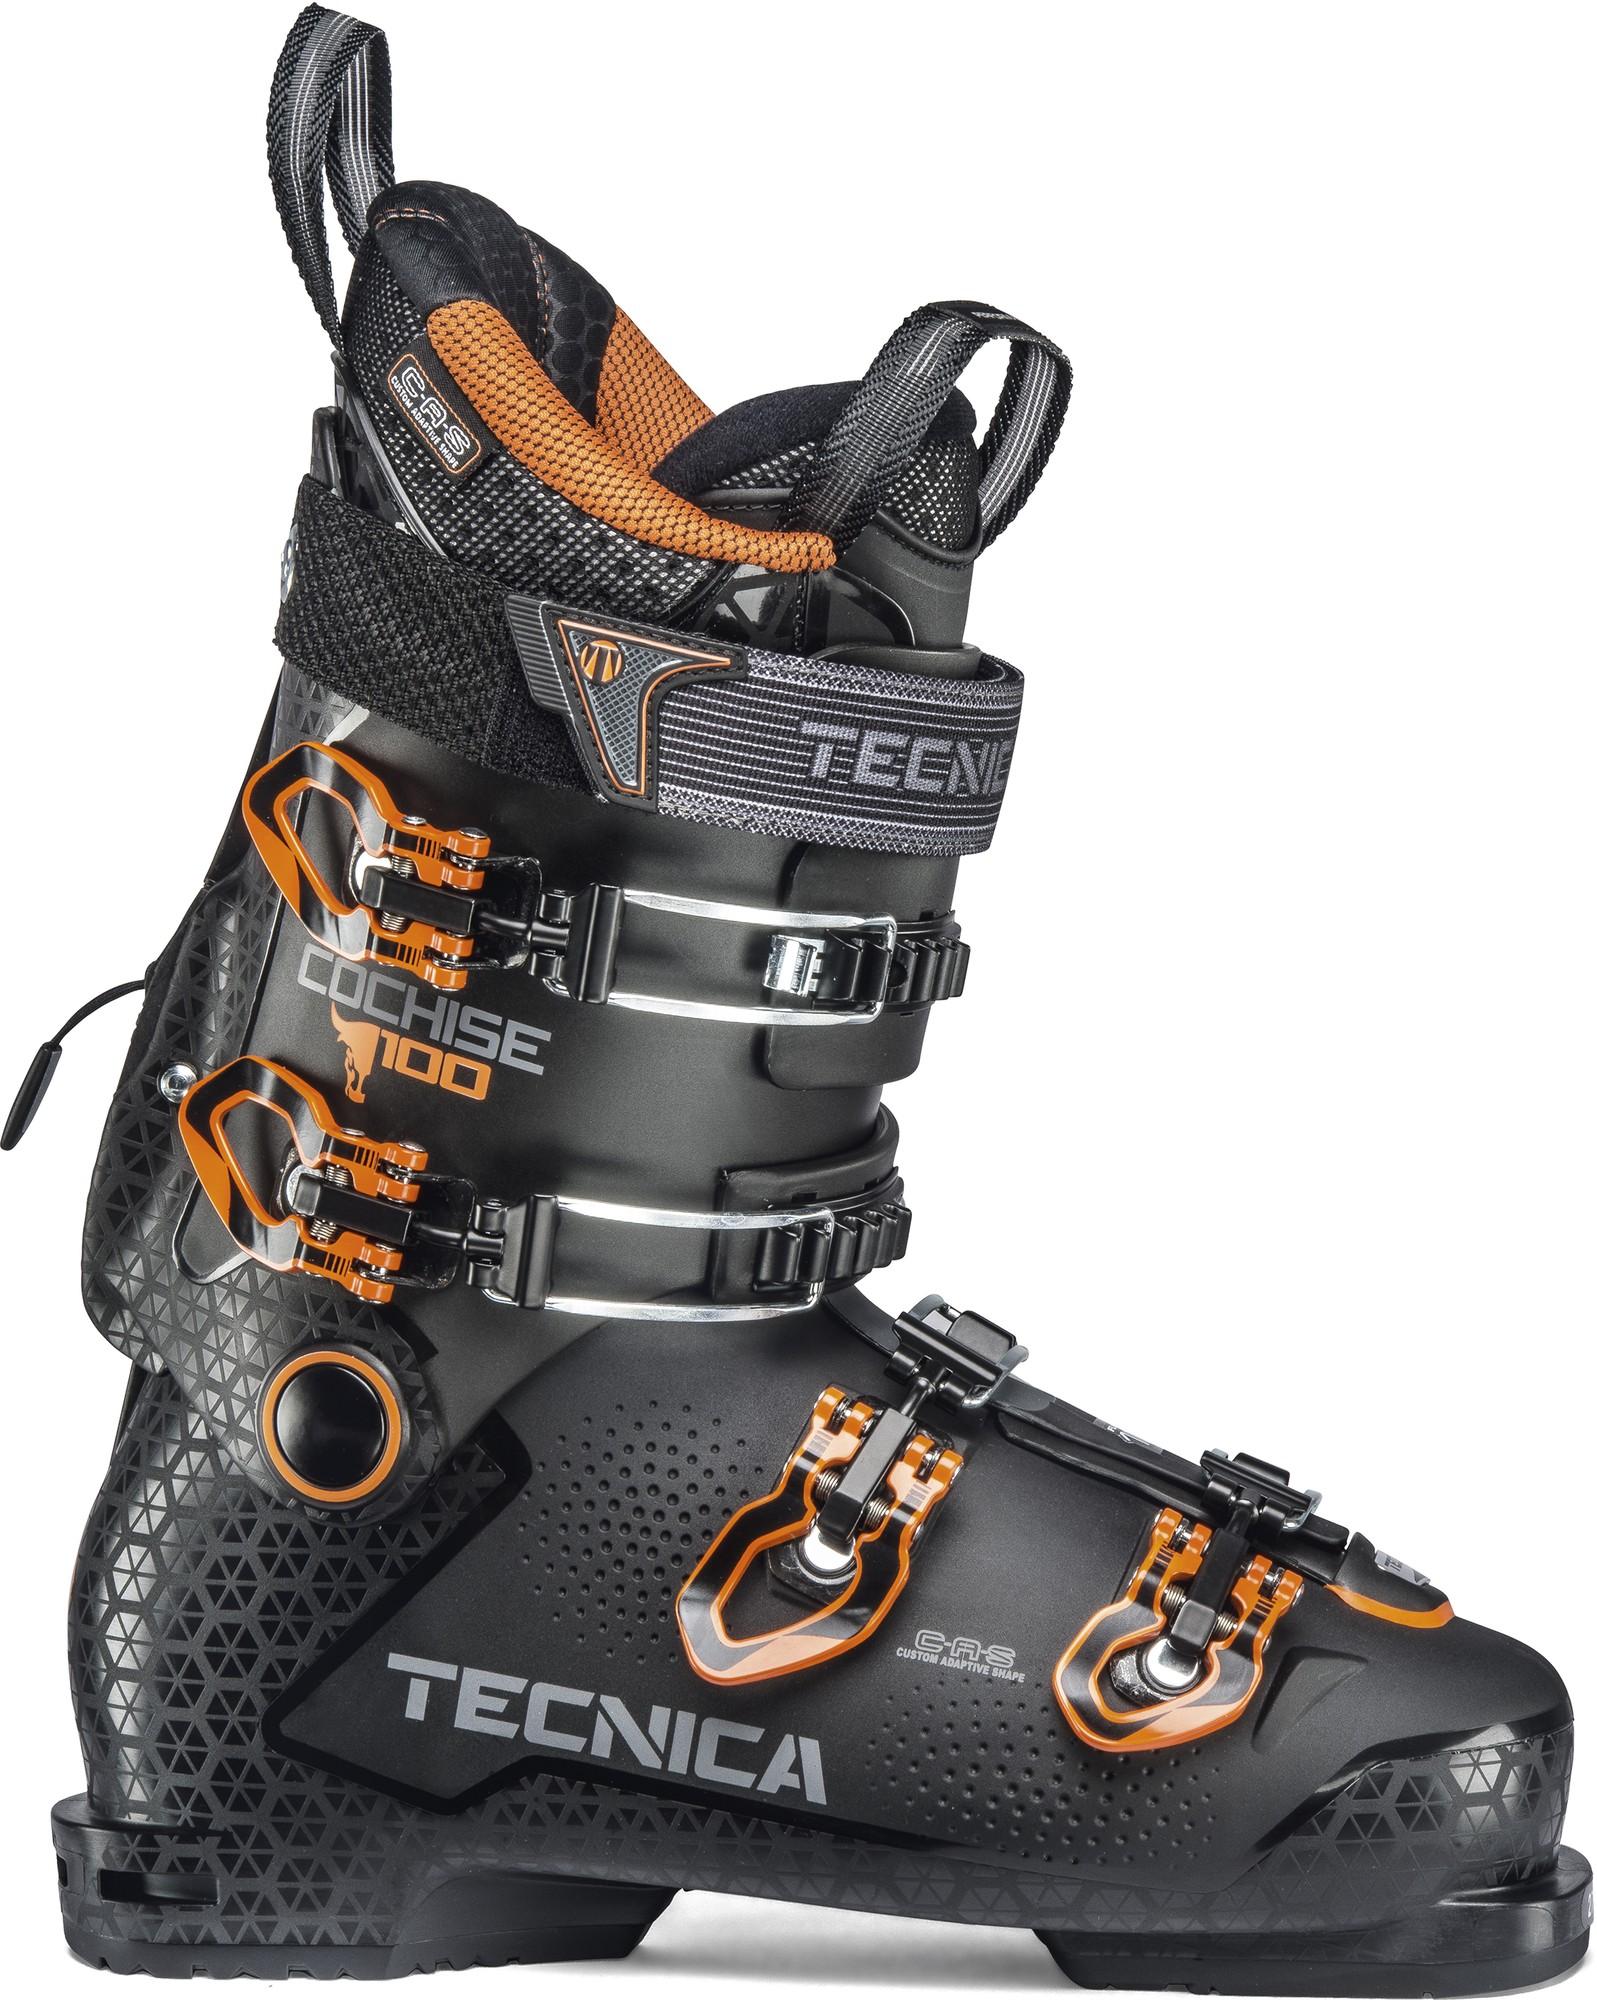 Tecnica Ботинки горнолыжные Tecnica COCHISE 100, размер 30 см